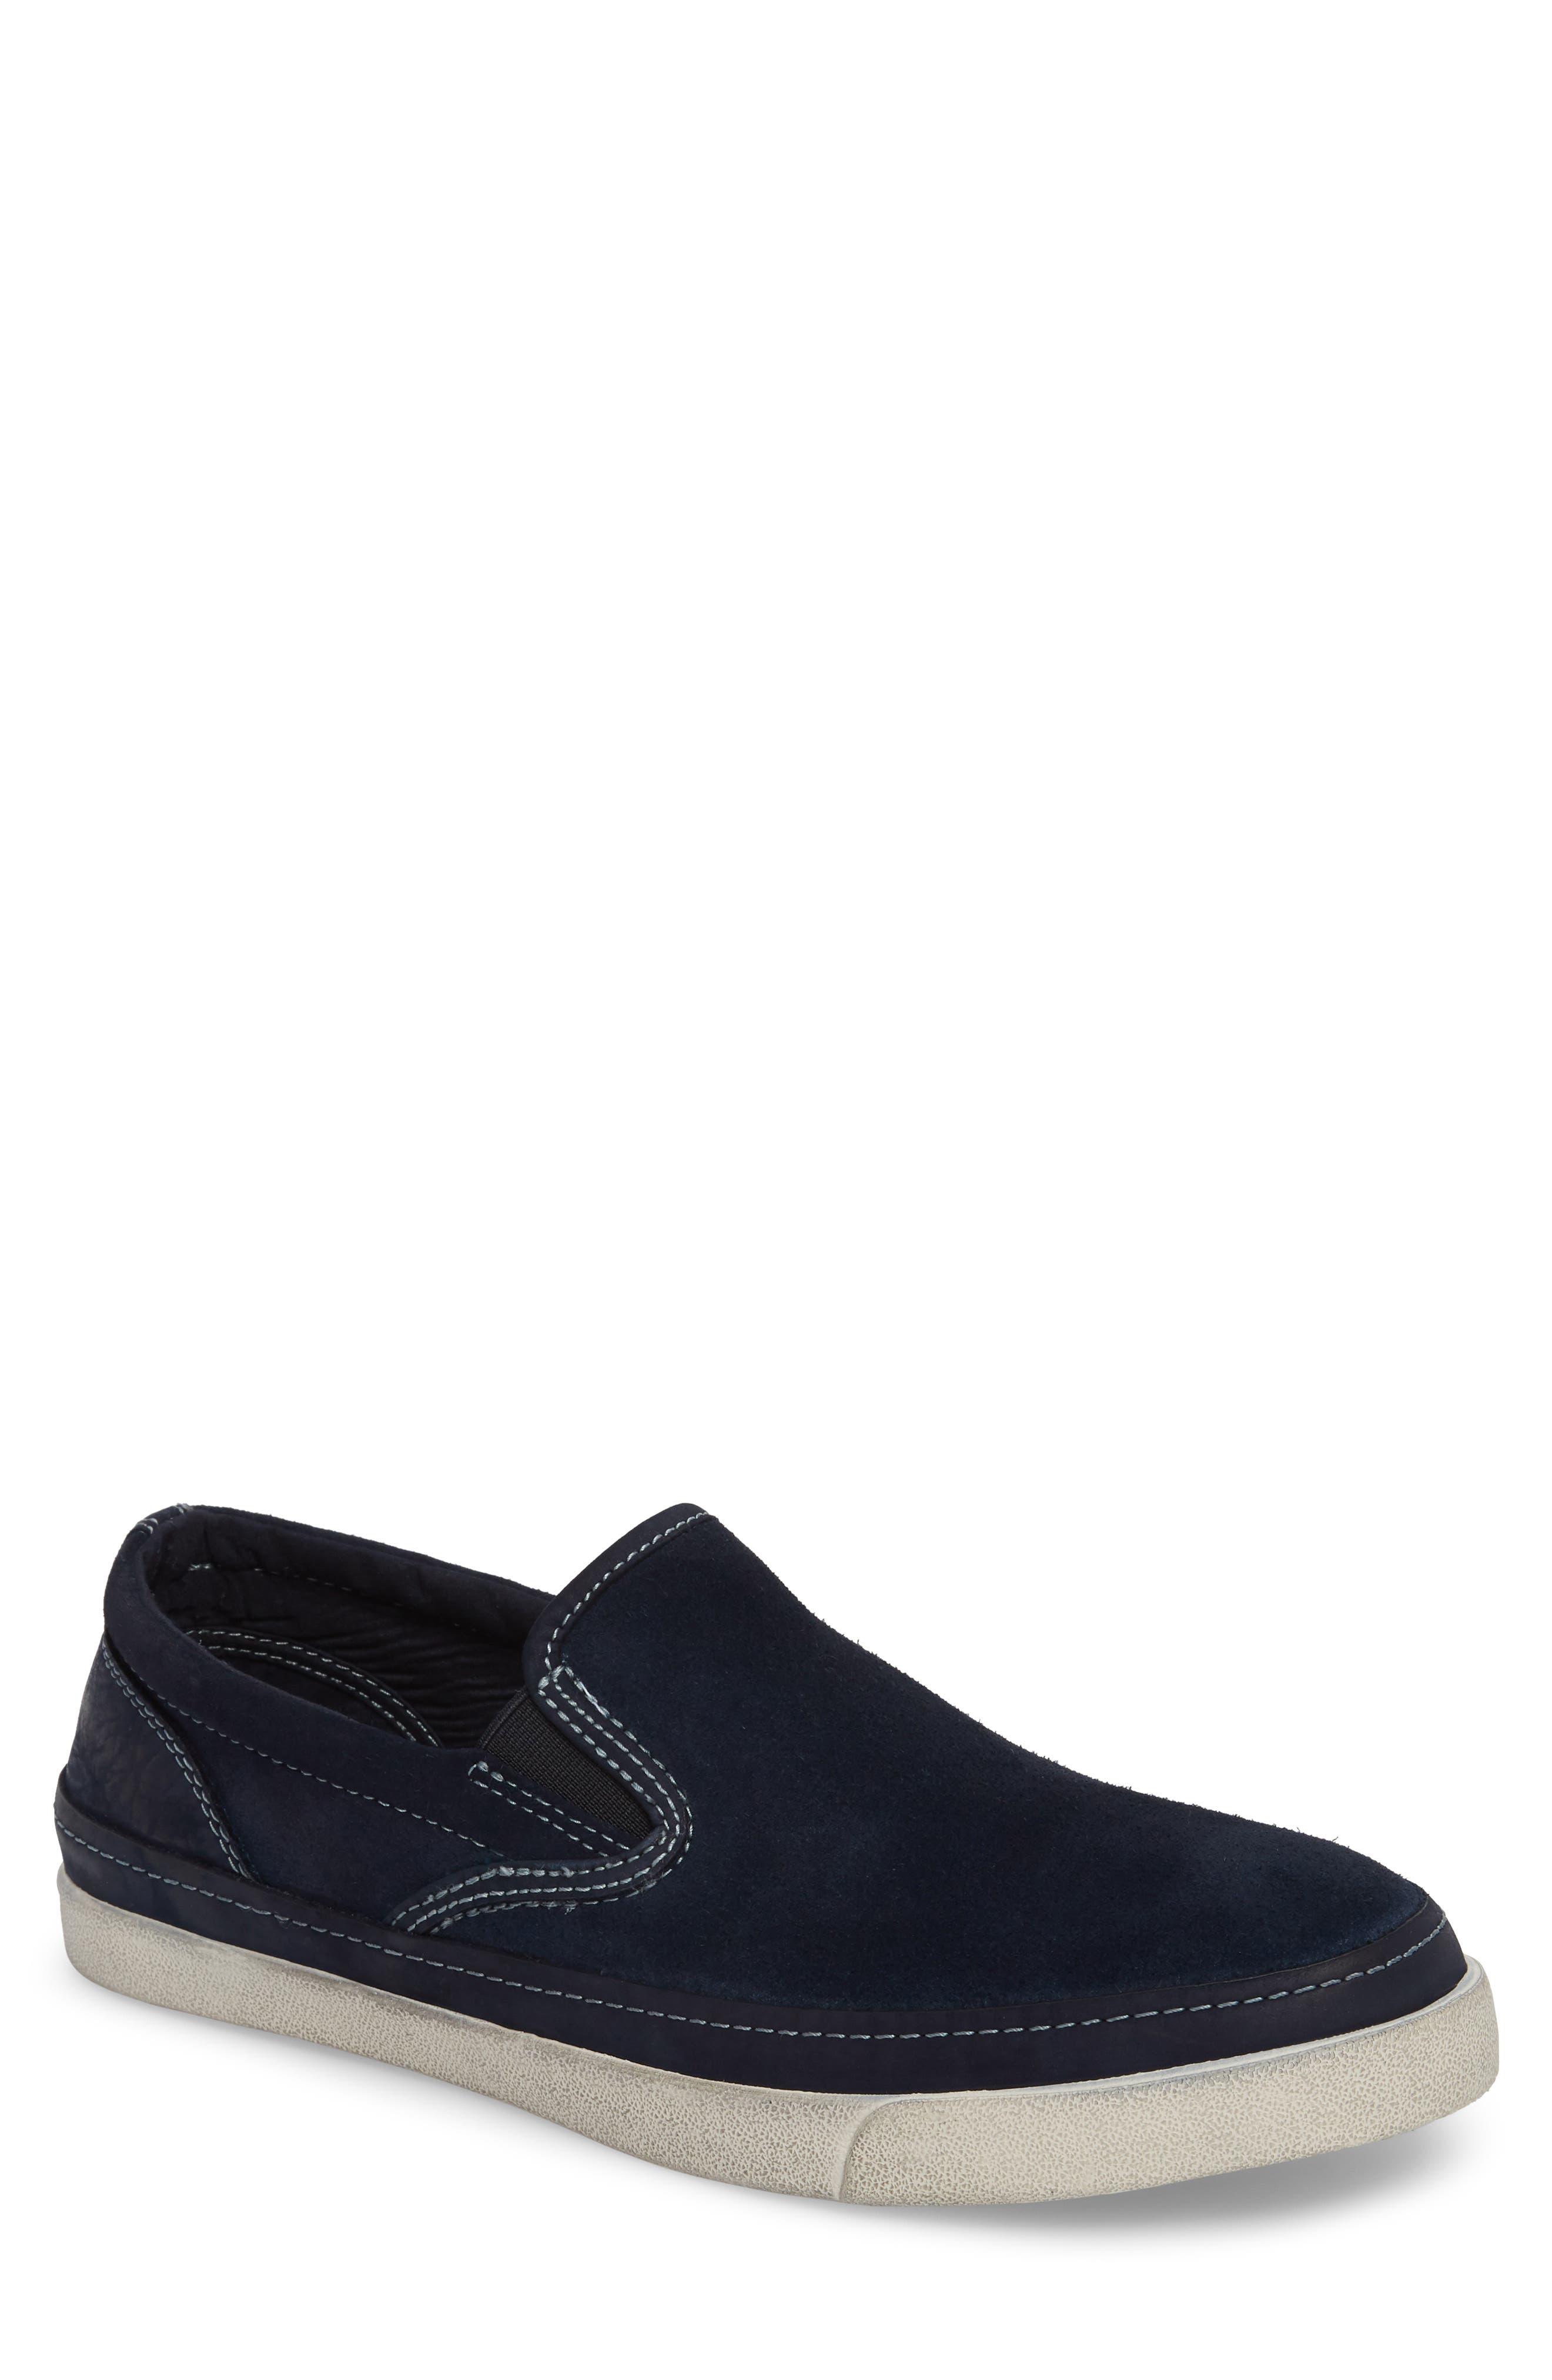 JOHN VARVATOS STAR USA Jett Slip-On Sneaker, Main, color, MIDNIGHT